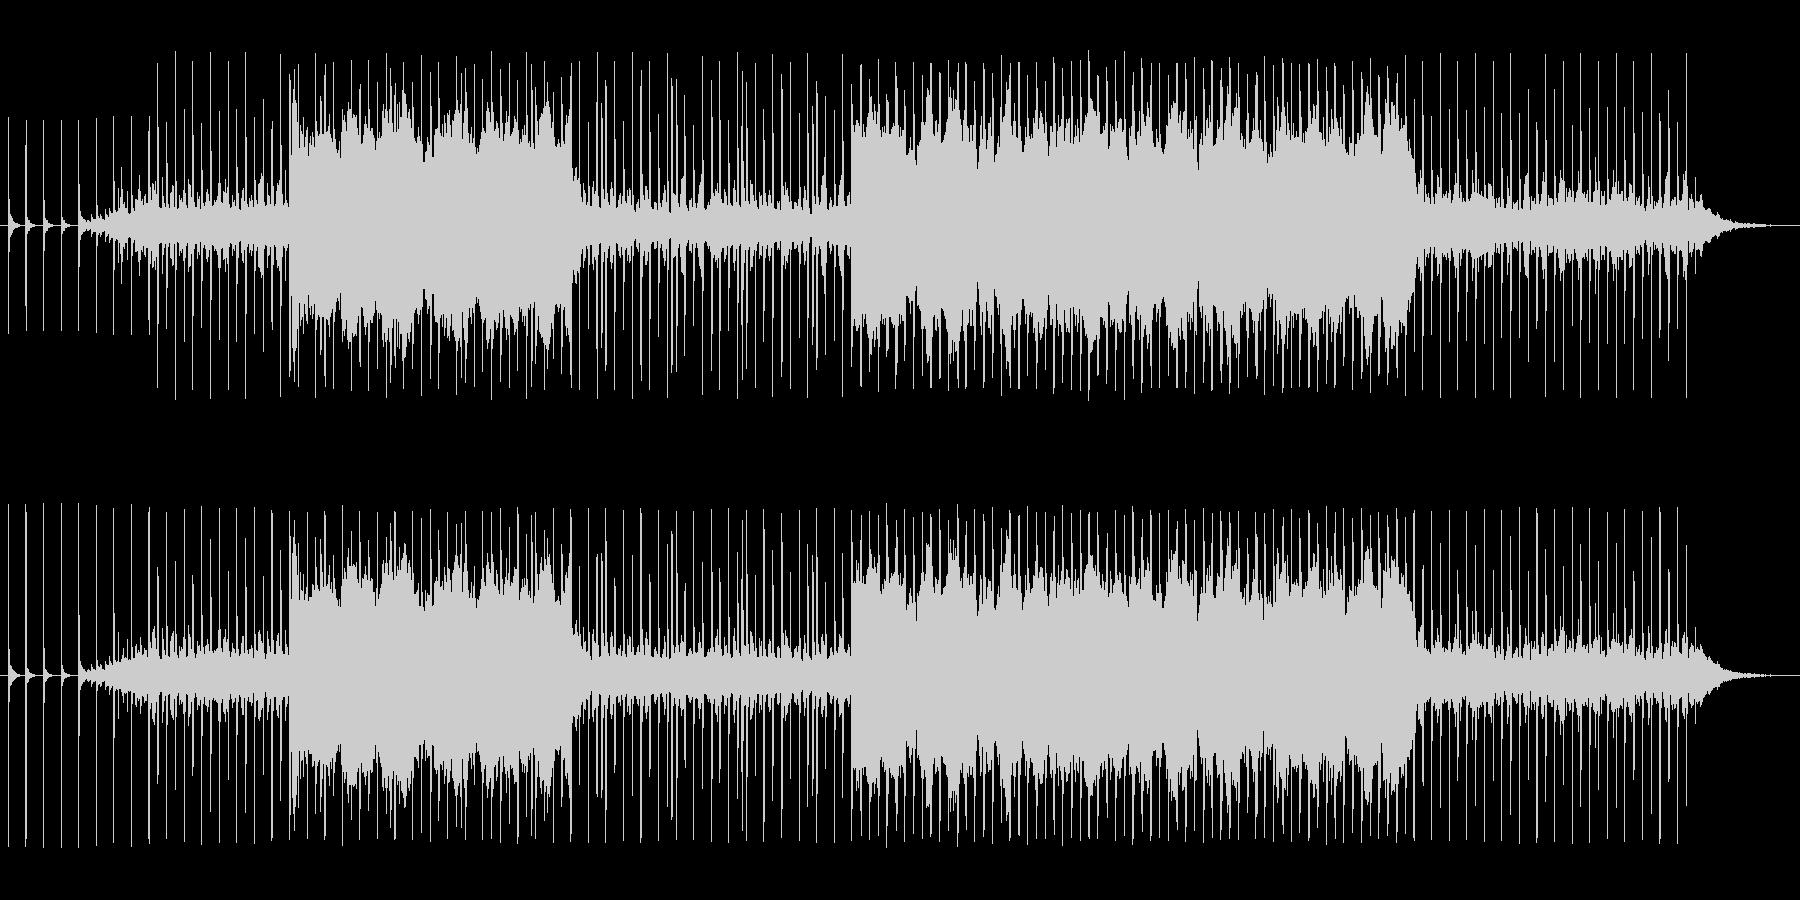 ノコギリや金槌などの工作音を使ったBGMの未再生の波形